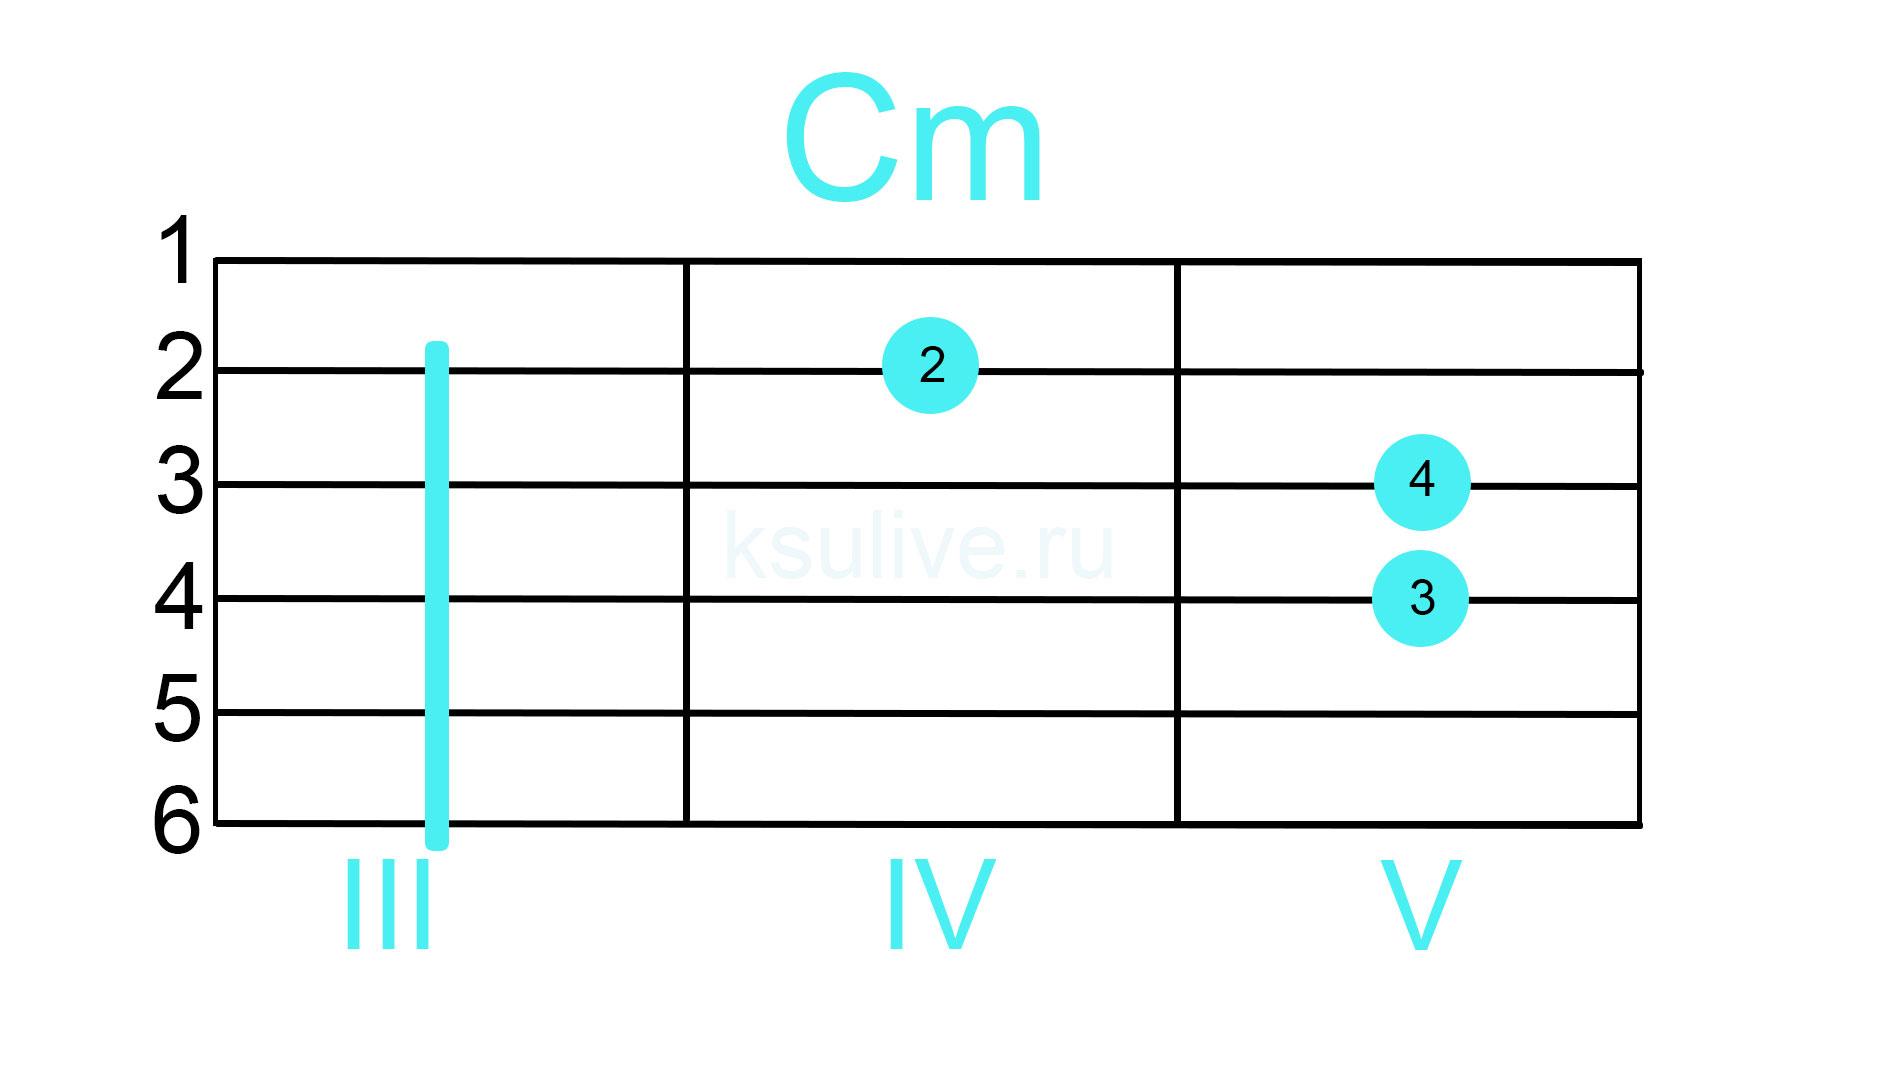 аккорд Cm